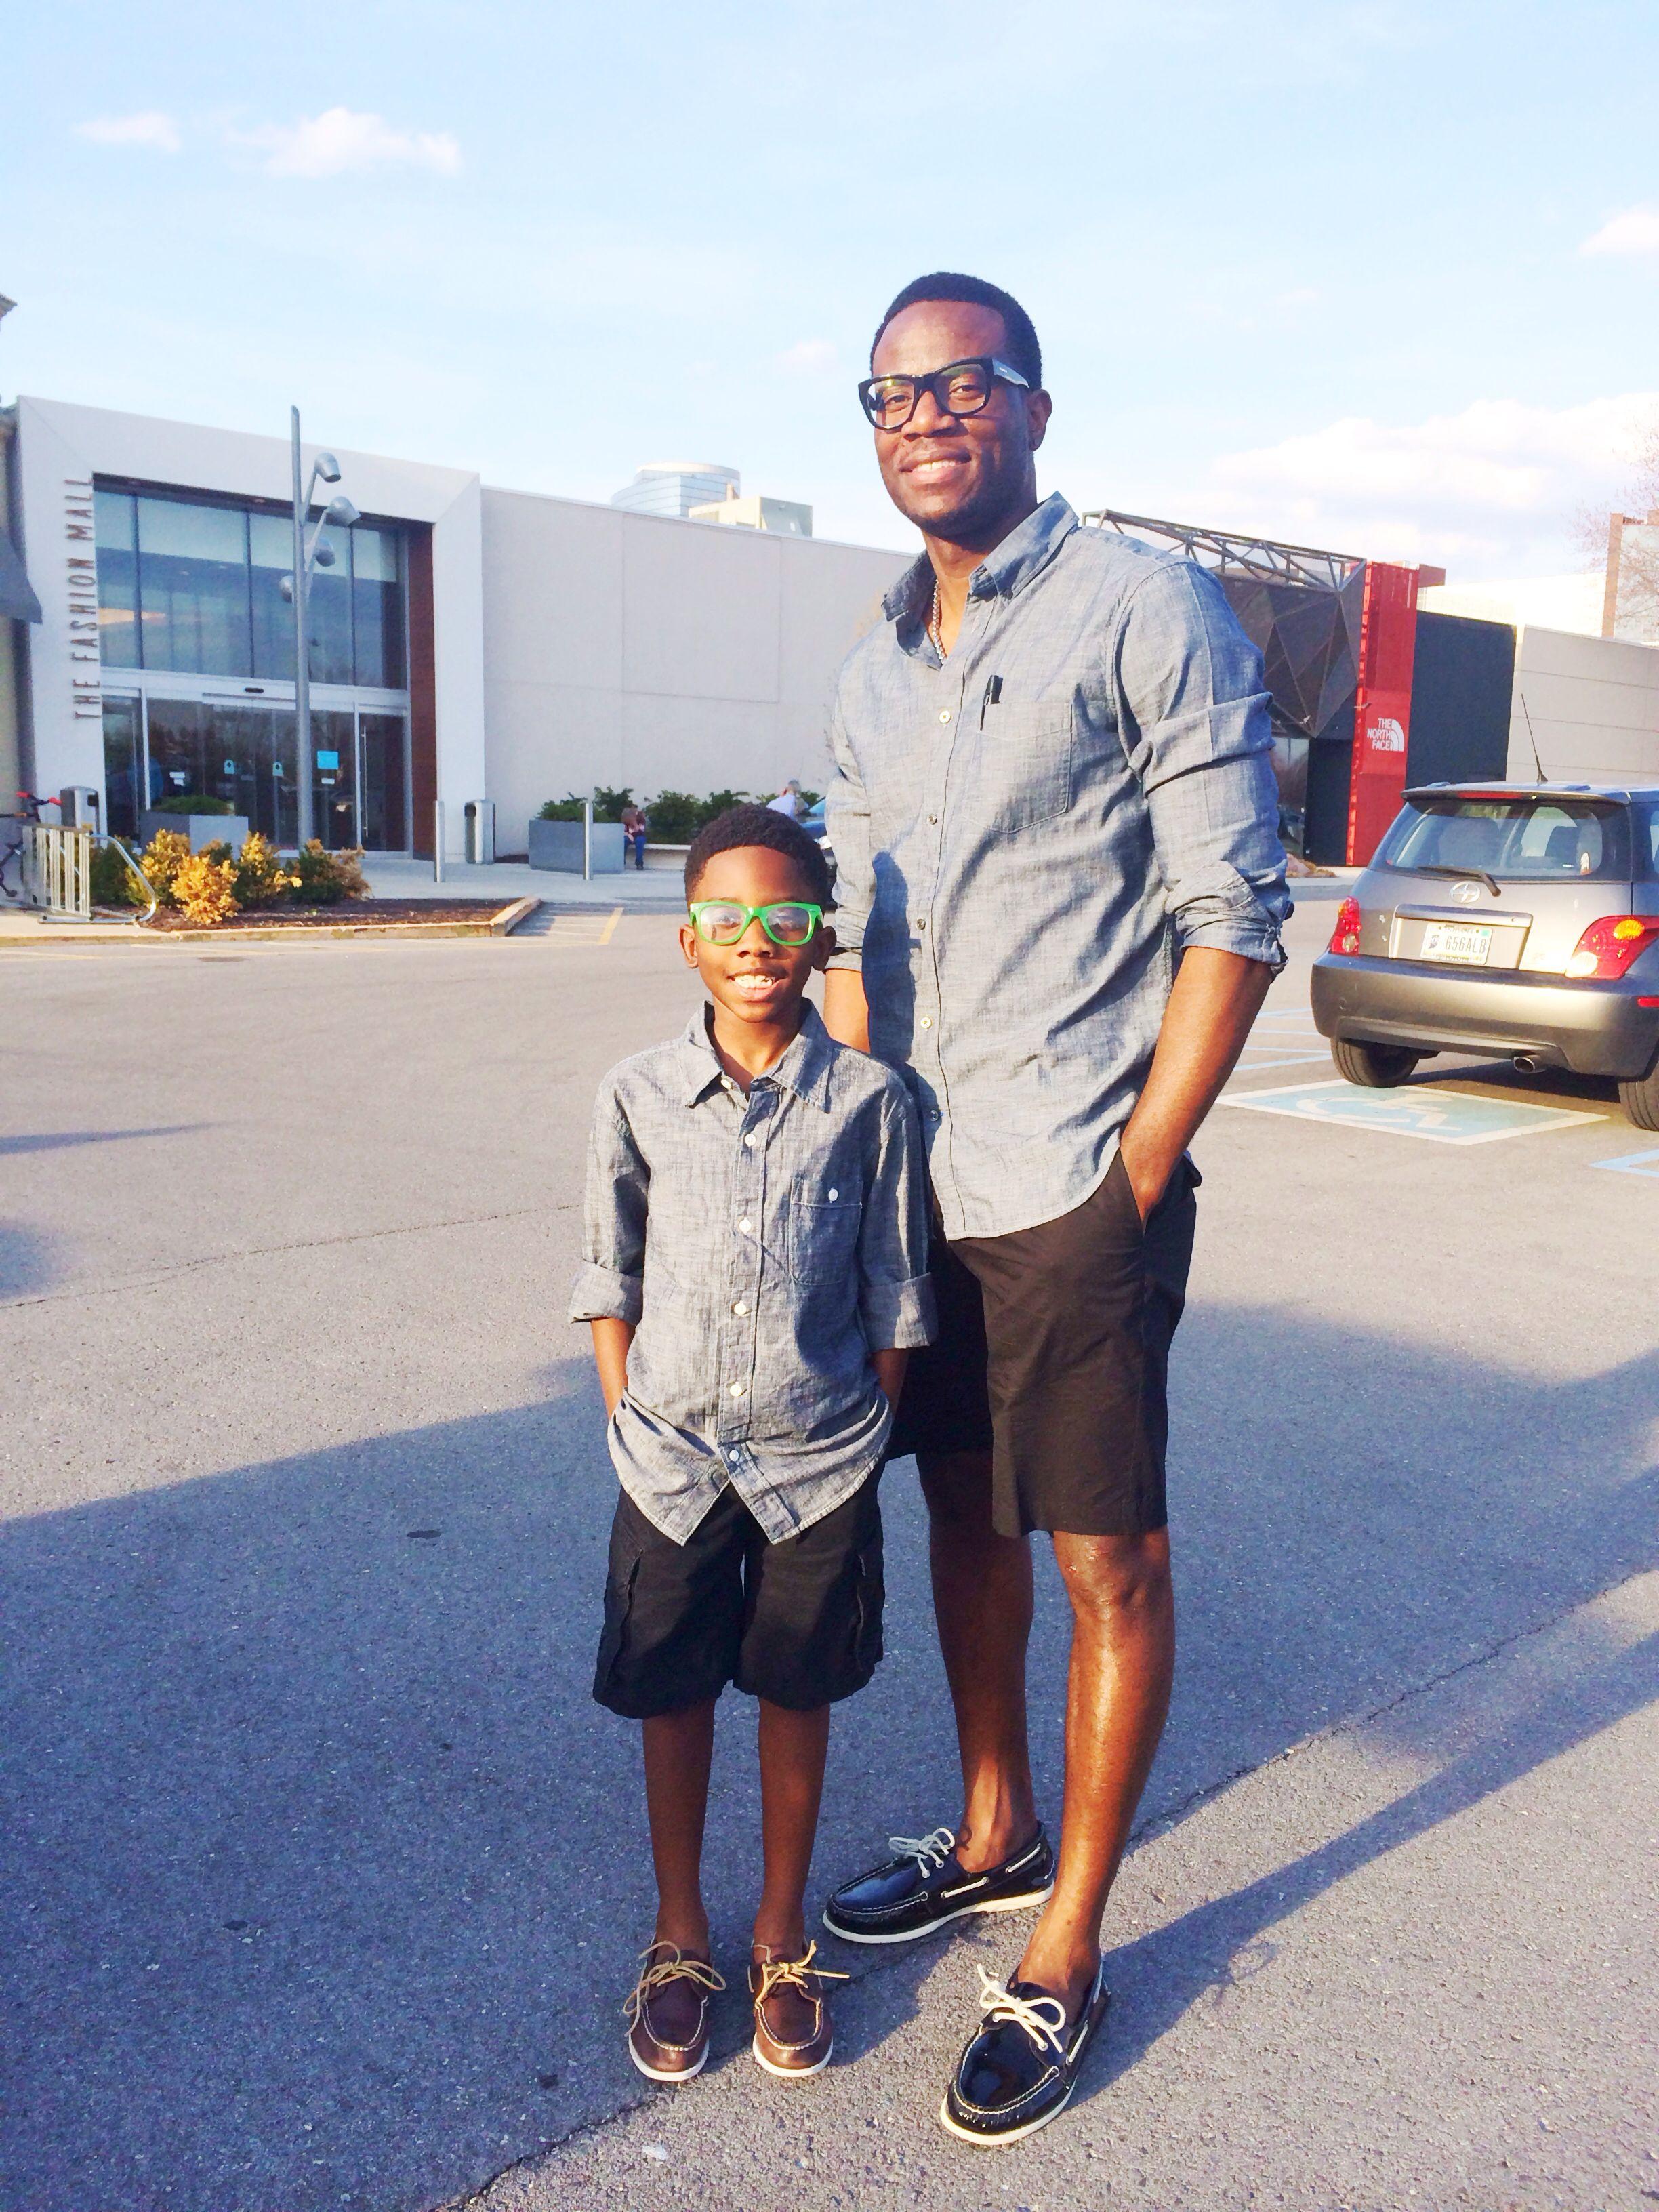 76510da9 Gap men's chambray shirt. Like father like son @Gap | Men's Fashion ...